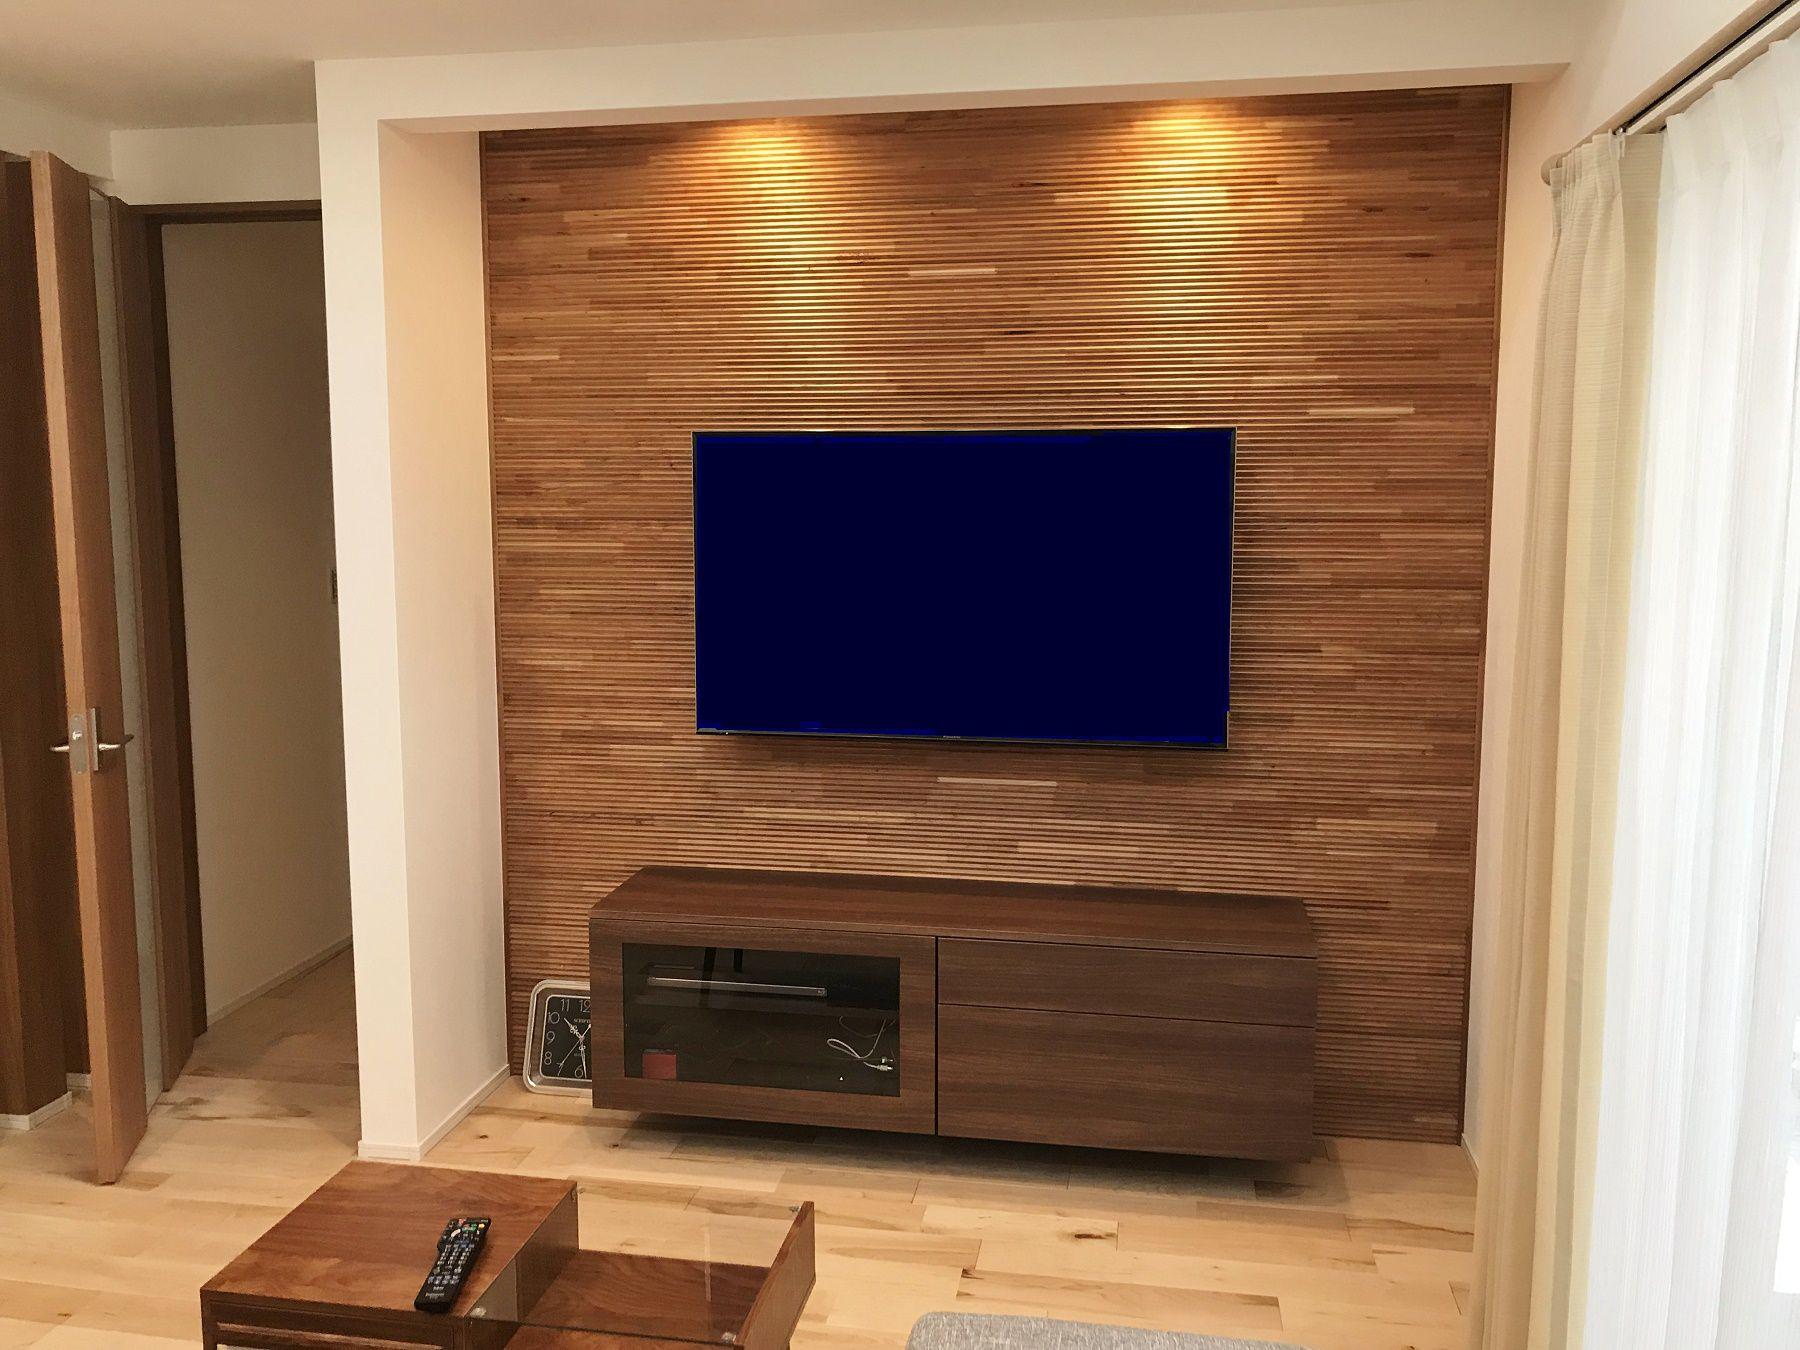 新商品のウッドパネルに、造り付けのTVボードを組み合わせました。全体的に明るめのナチュラルテイストなので、TVボード周辺はトーンを落として、かっこよく仕上げました。来客の際、目を引くこと間違いなし!